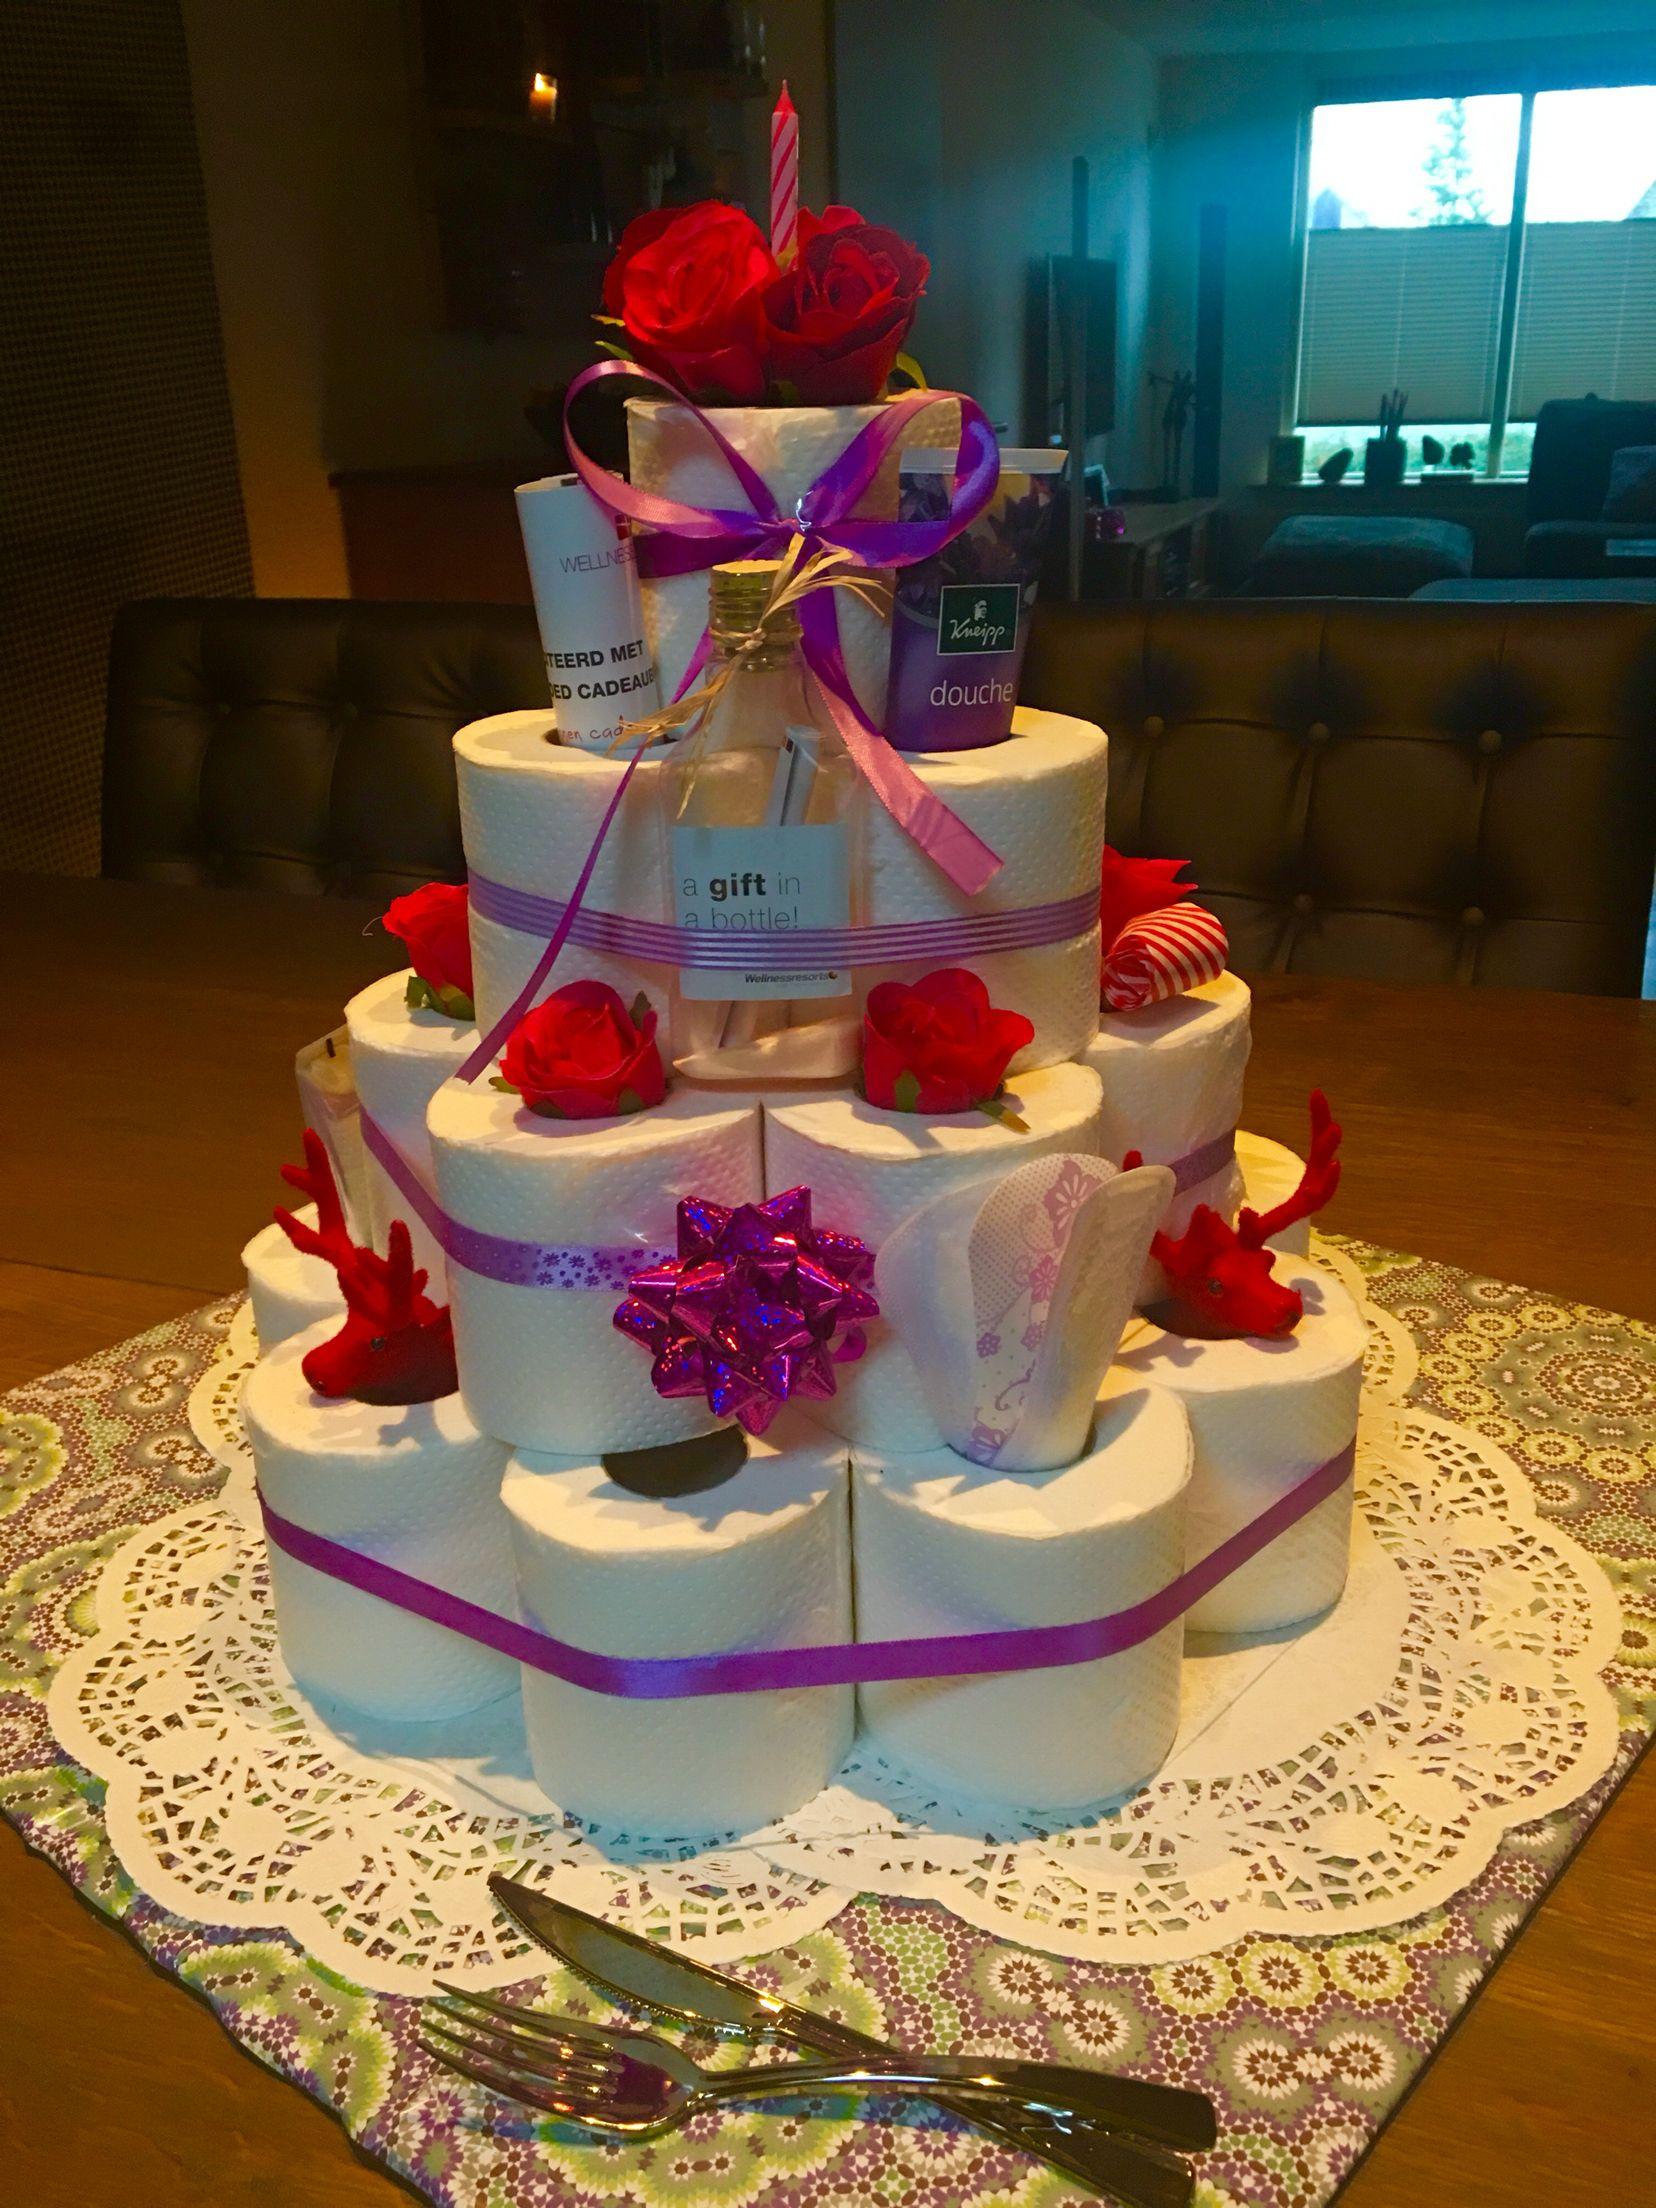 Favoriete Schijt-aan-mijn-leeftijd-taart * 50 jaar * cadeau * Sarah | Suus &LK21